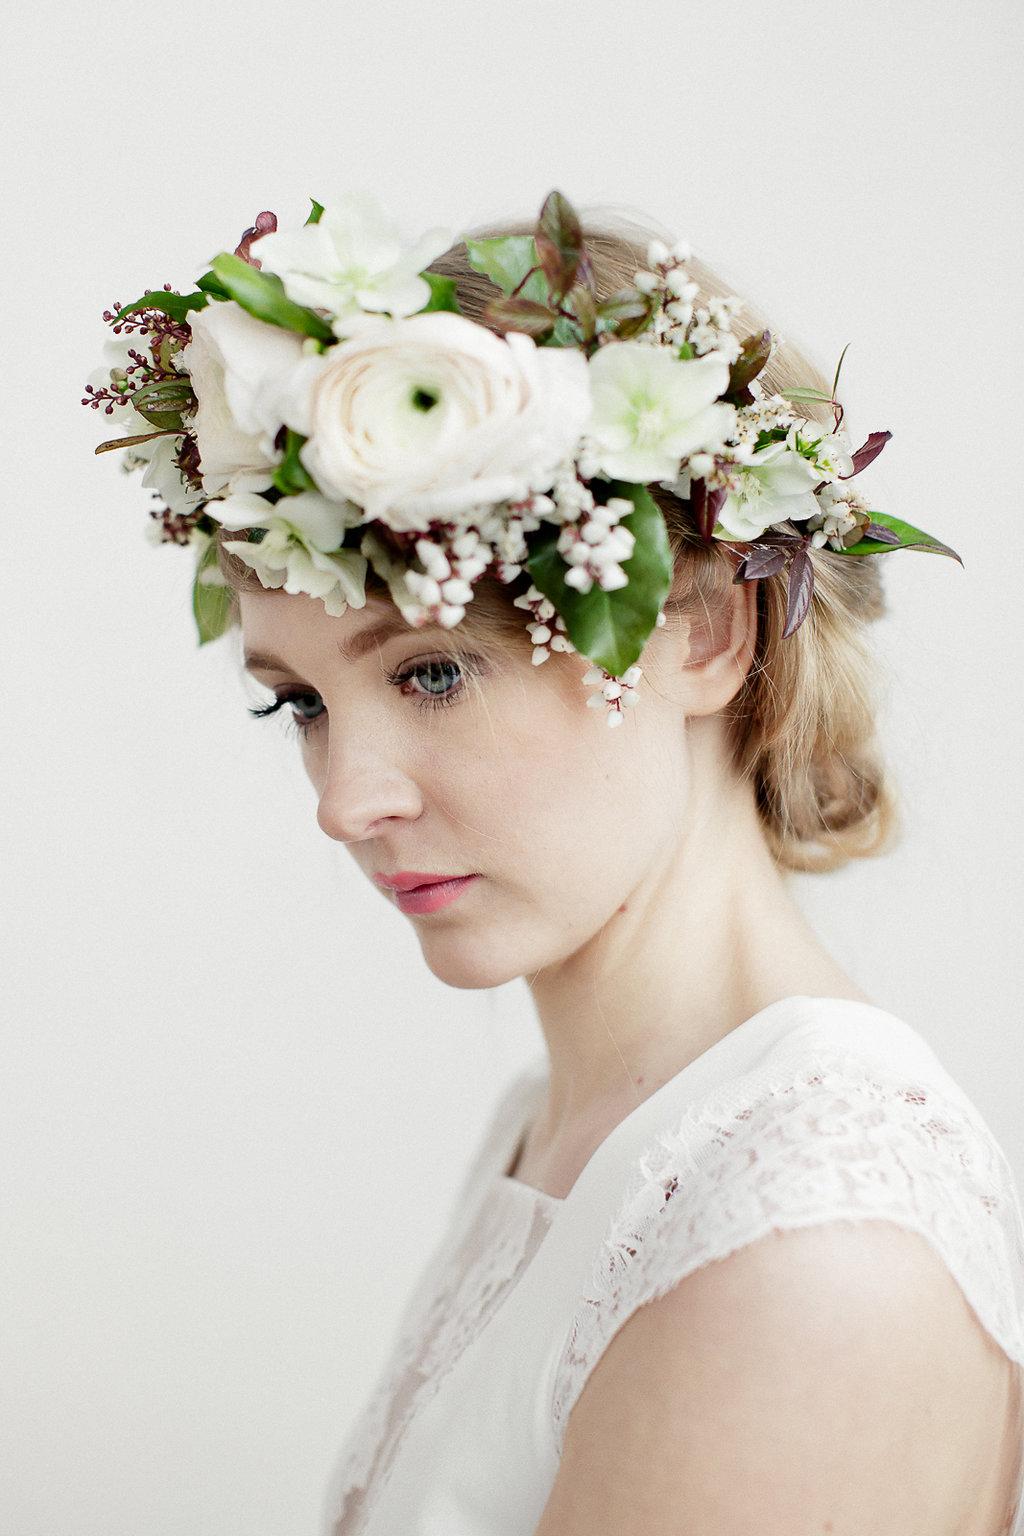 [EDITORIAL] • Des coiffures de mariée à l'esprit minimaliste, végétal & floral